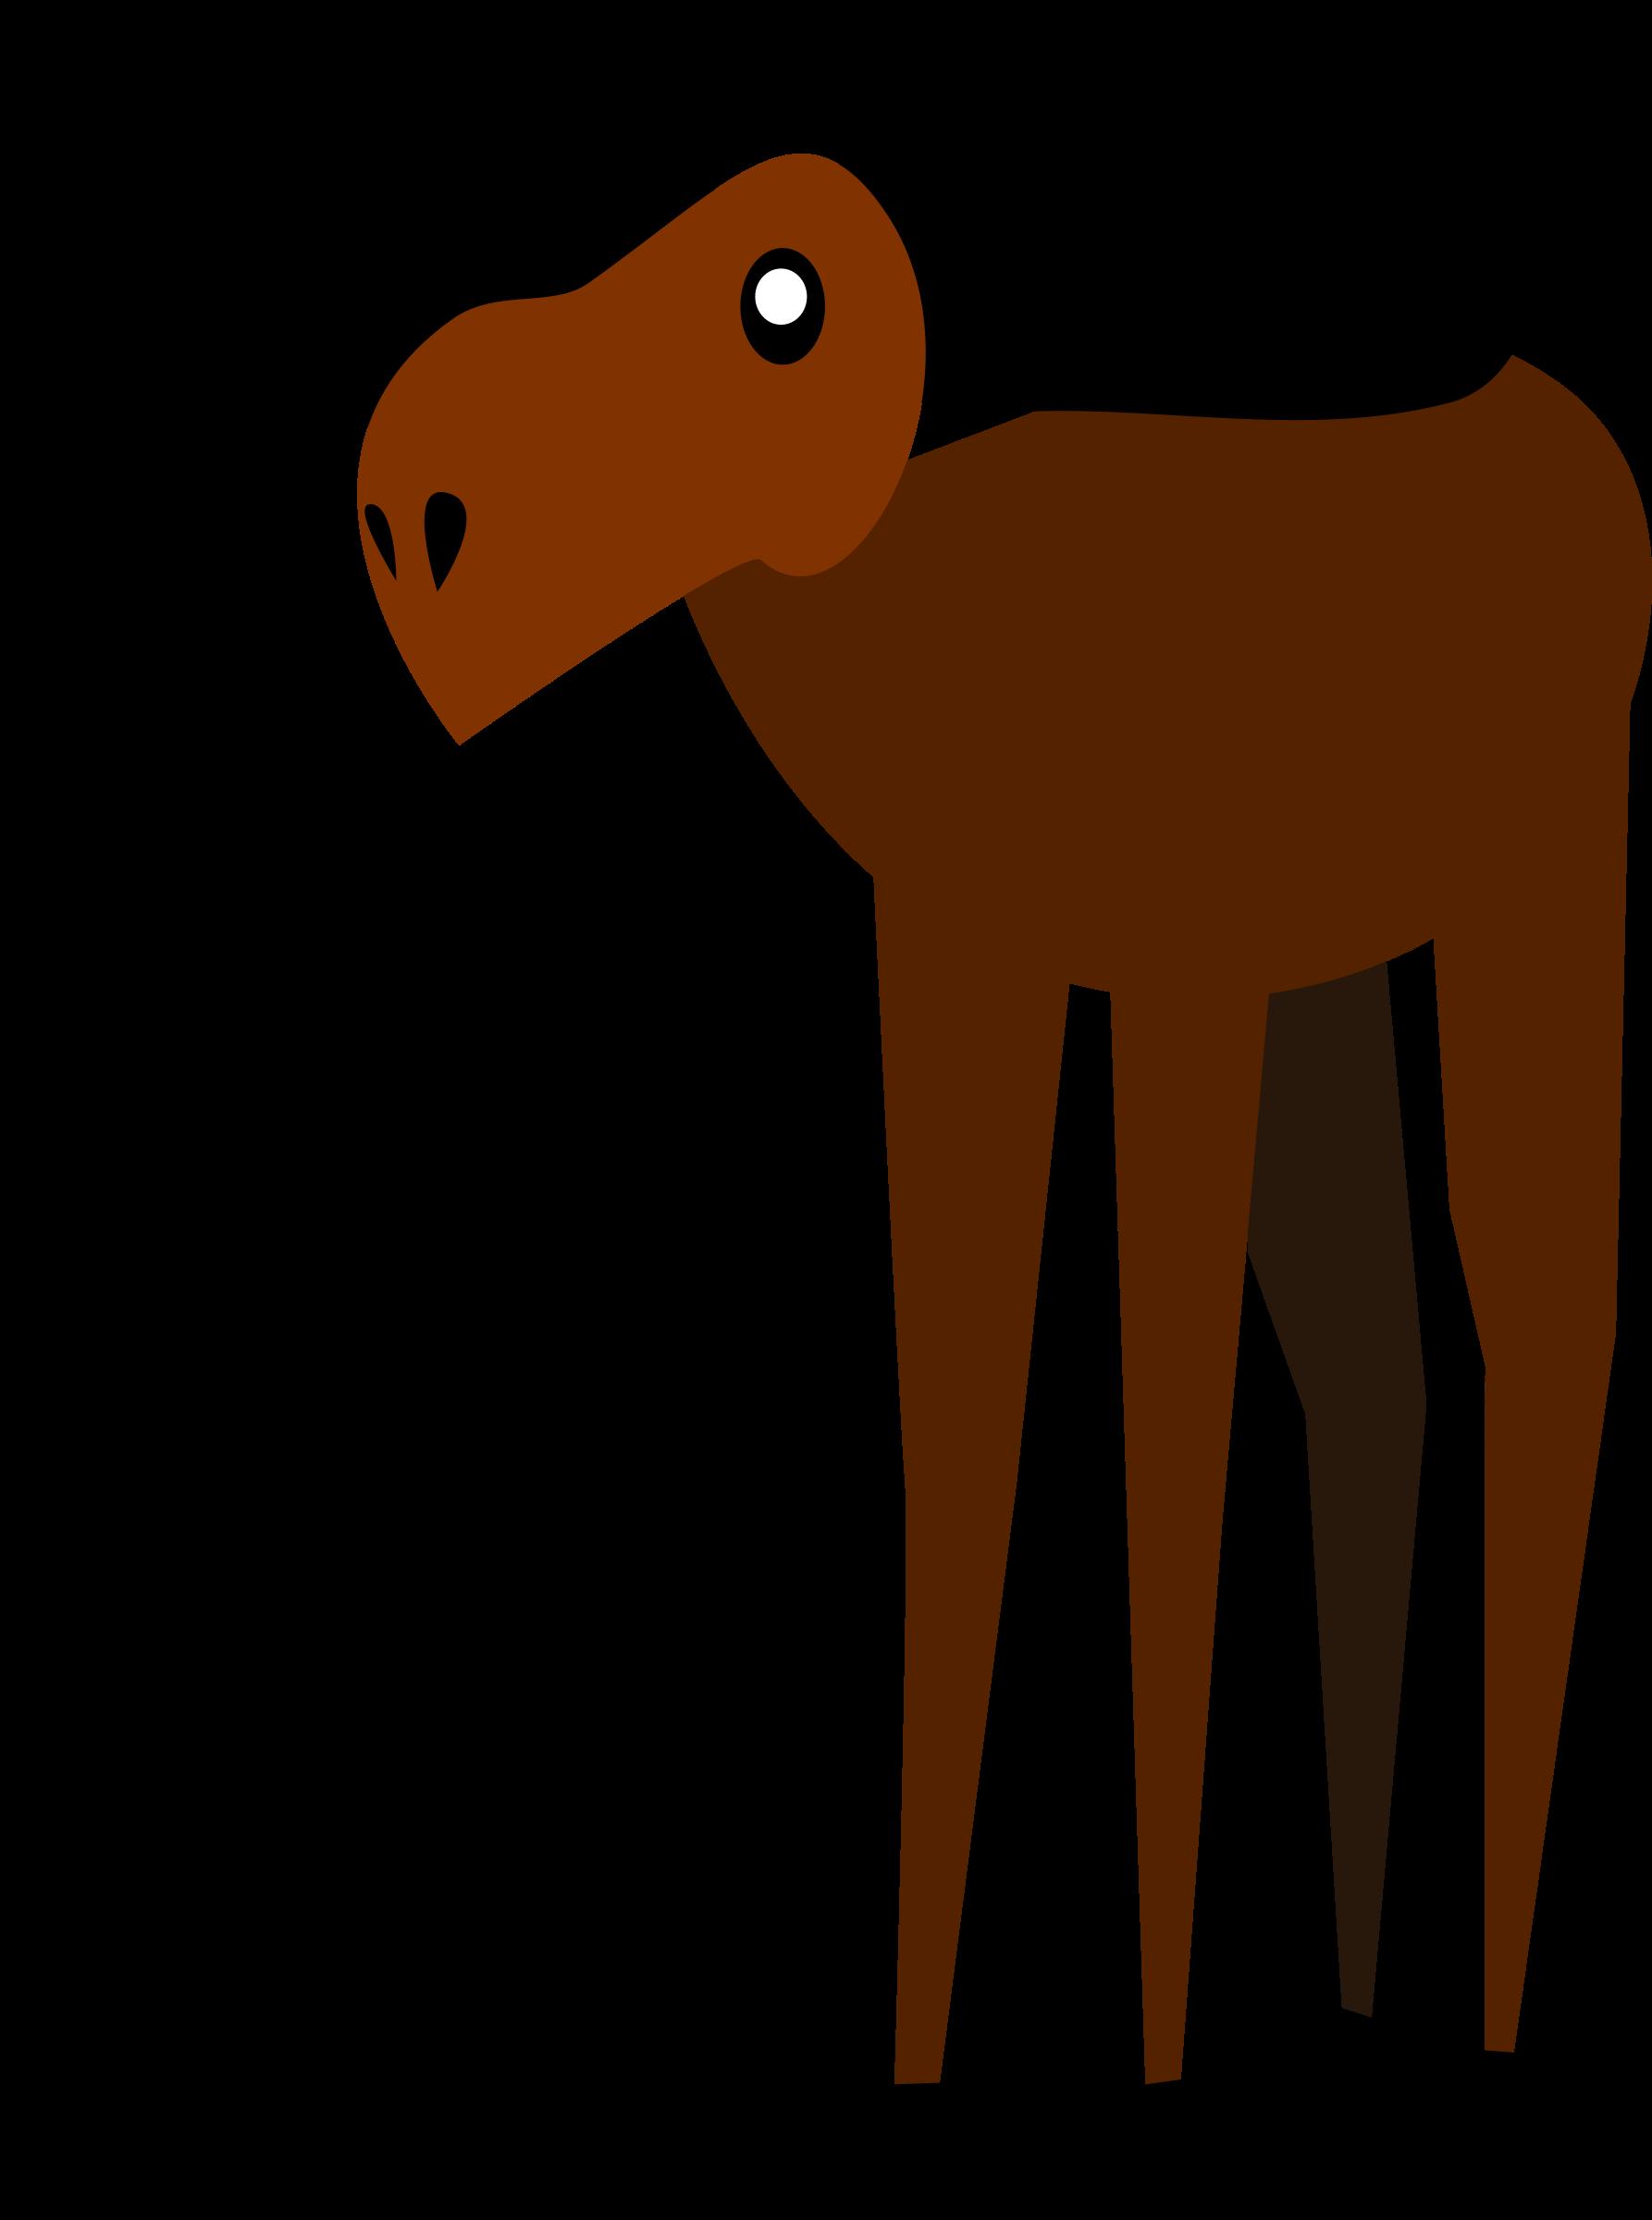 clip art transparent download Clipart moose. Big image png.